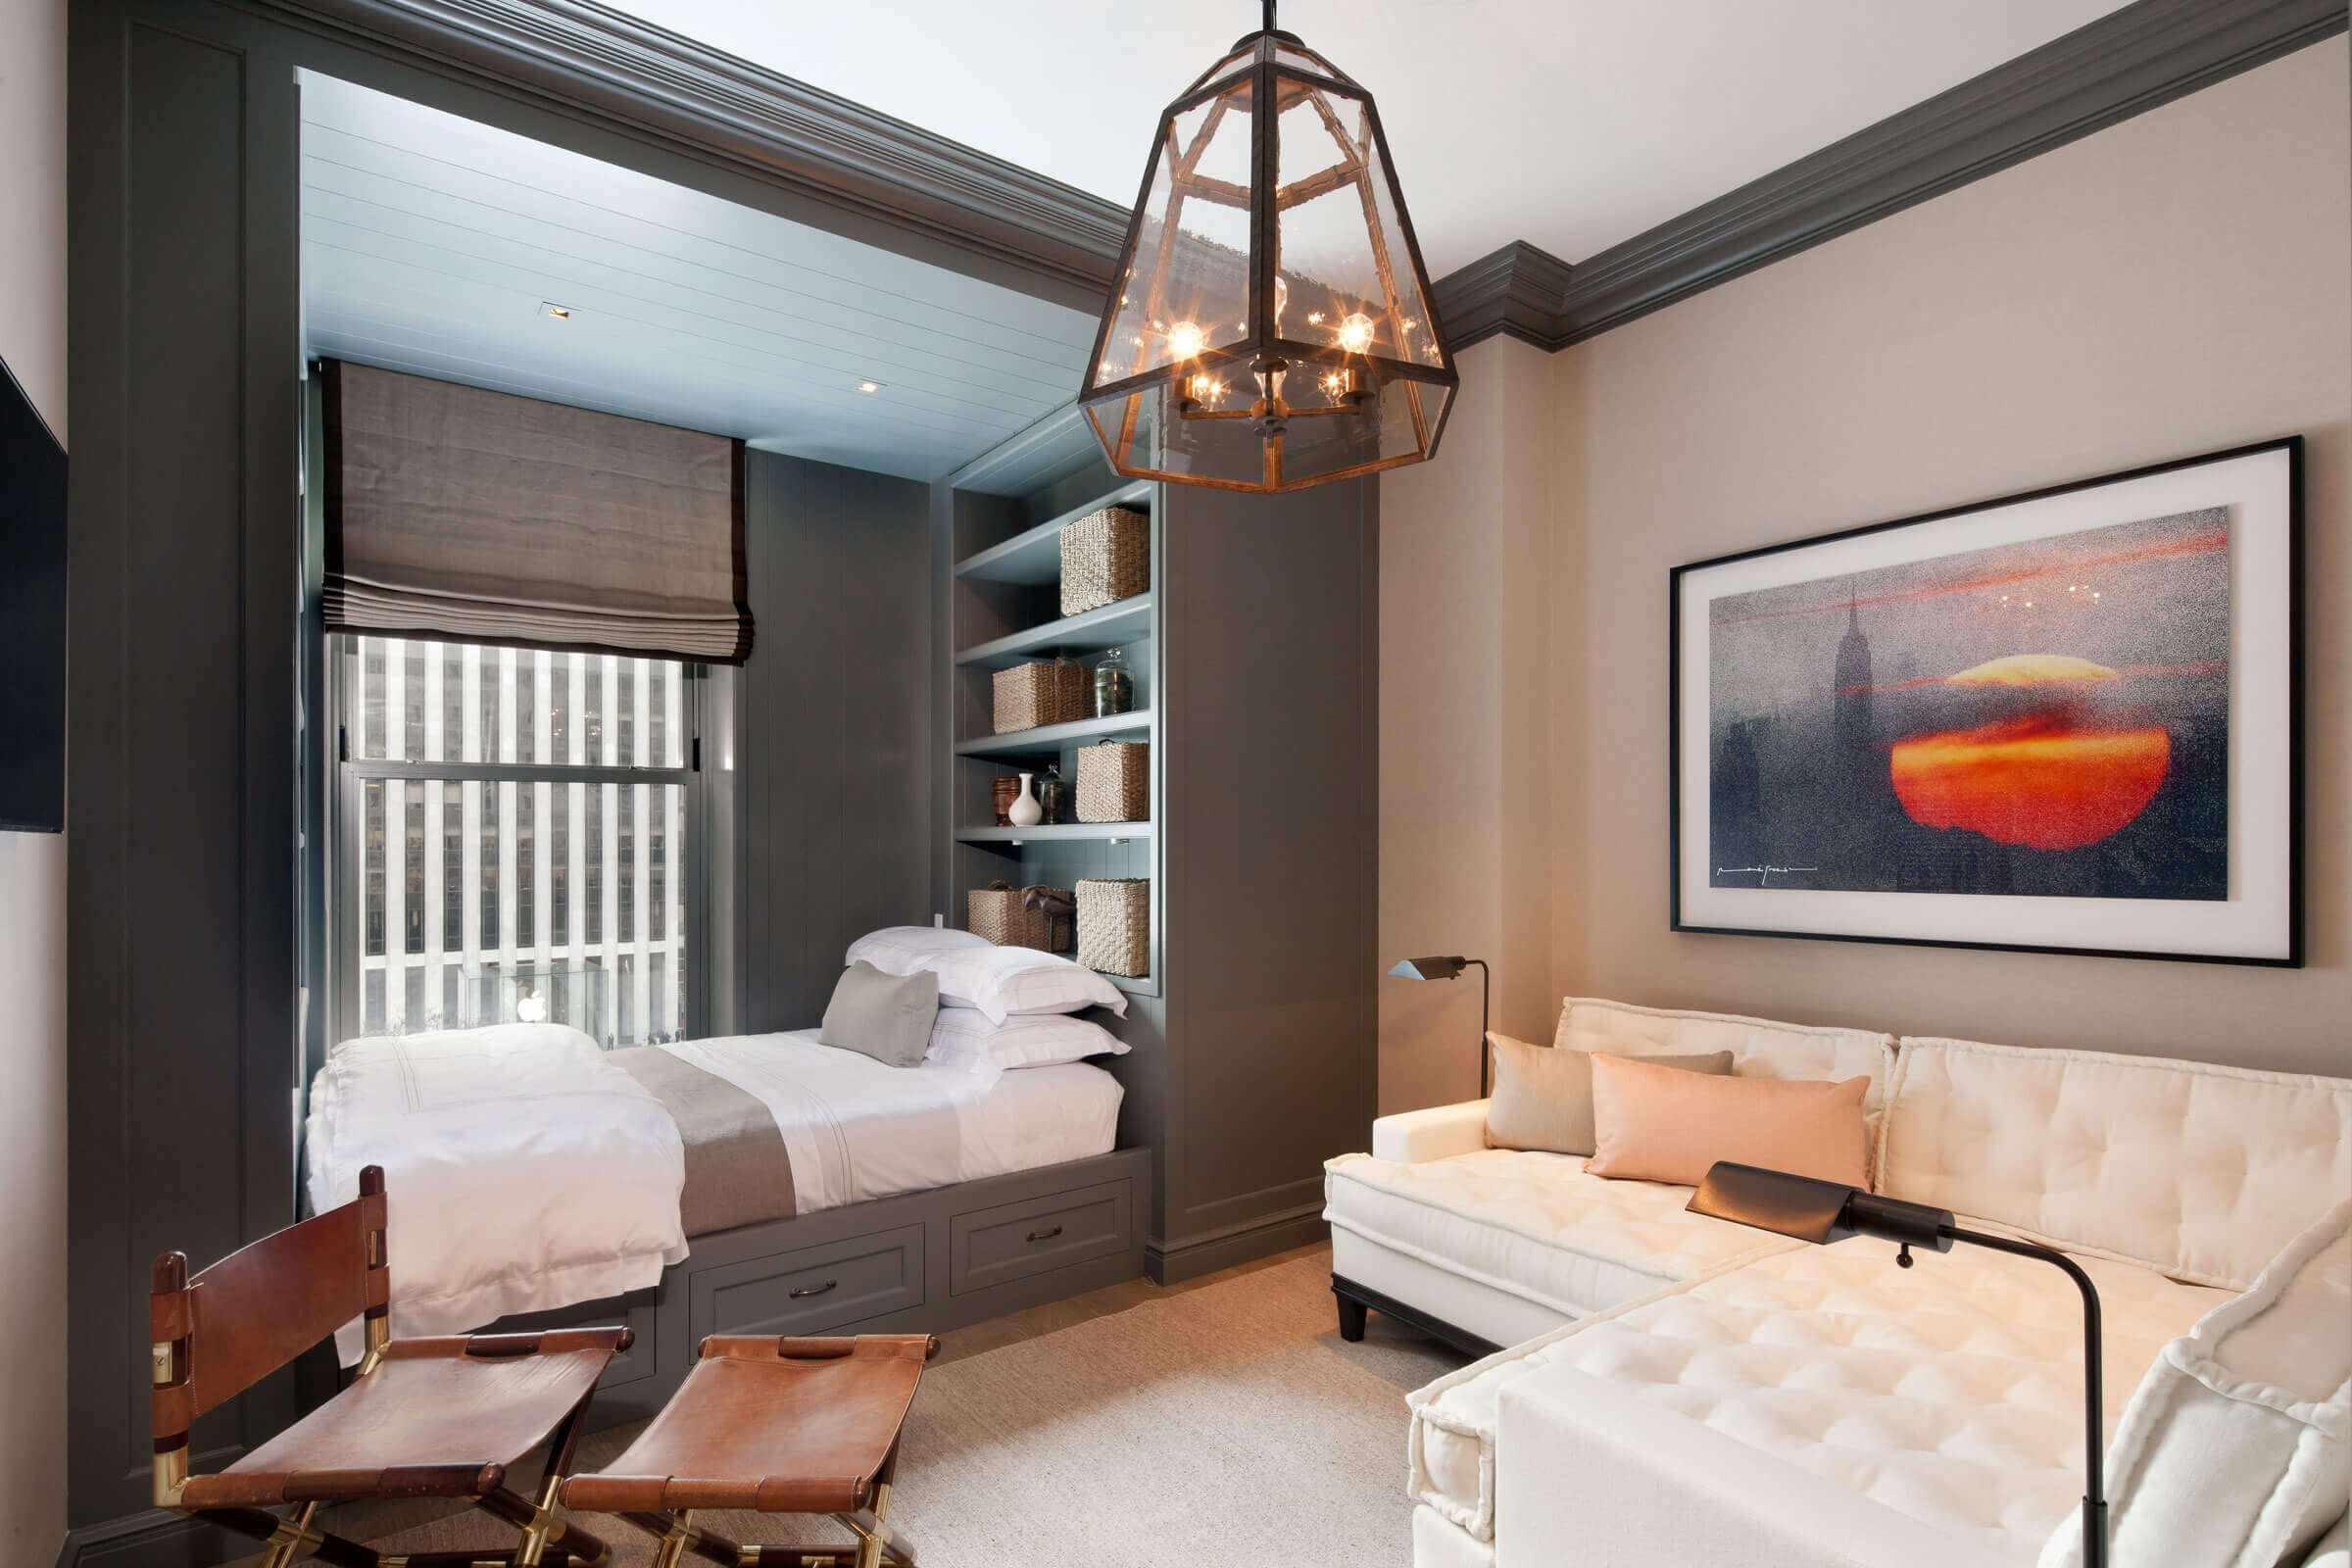 гостиная площадью 16 кв м со спальным местом